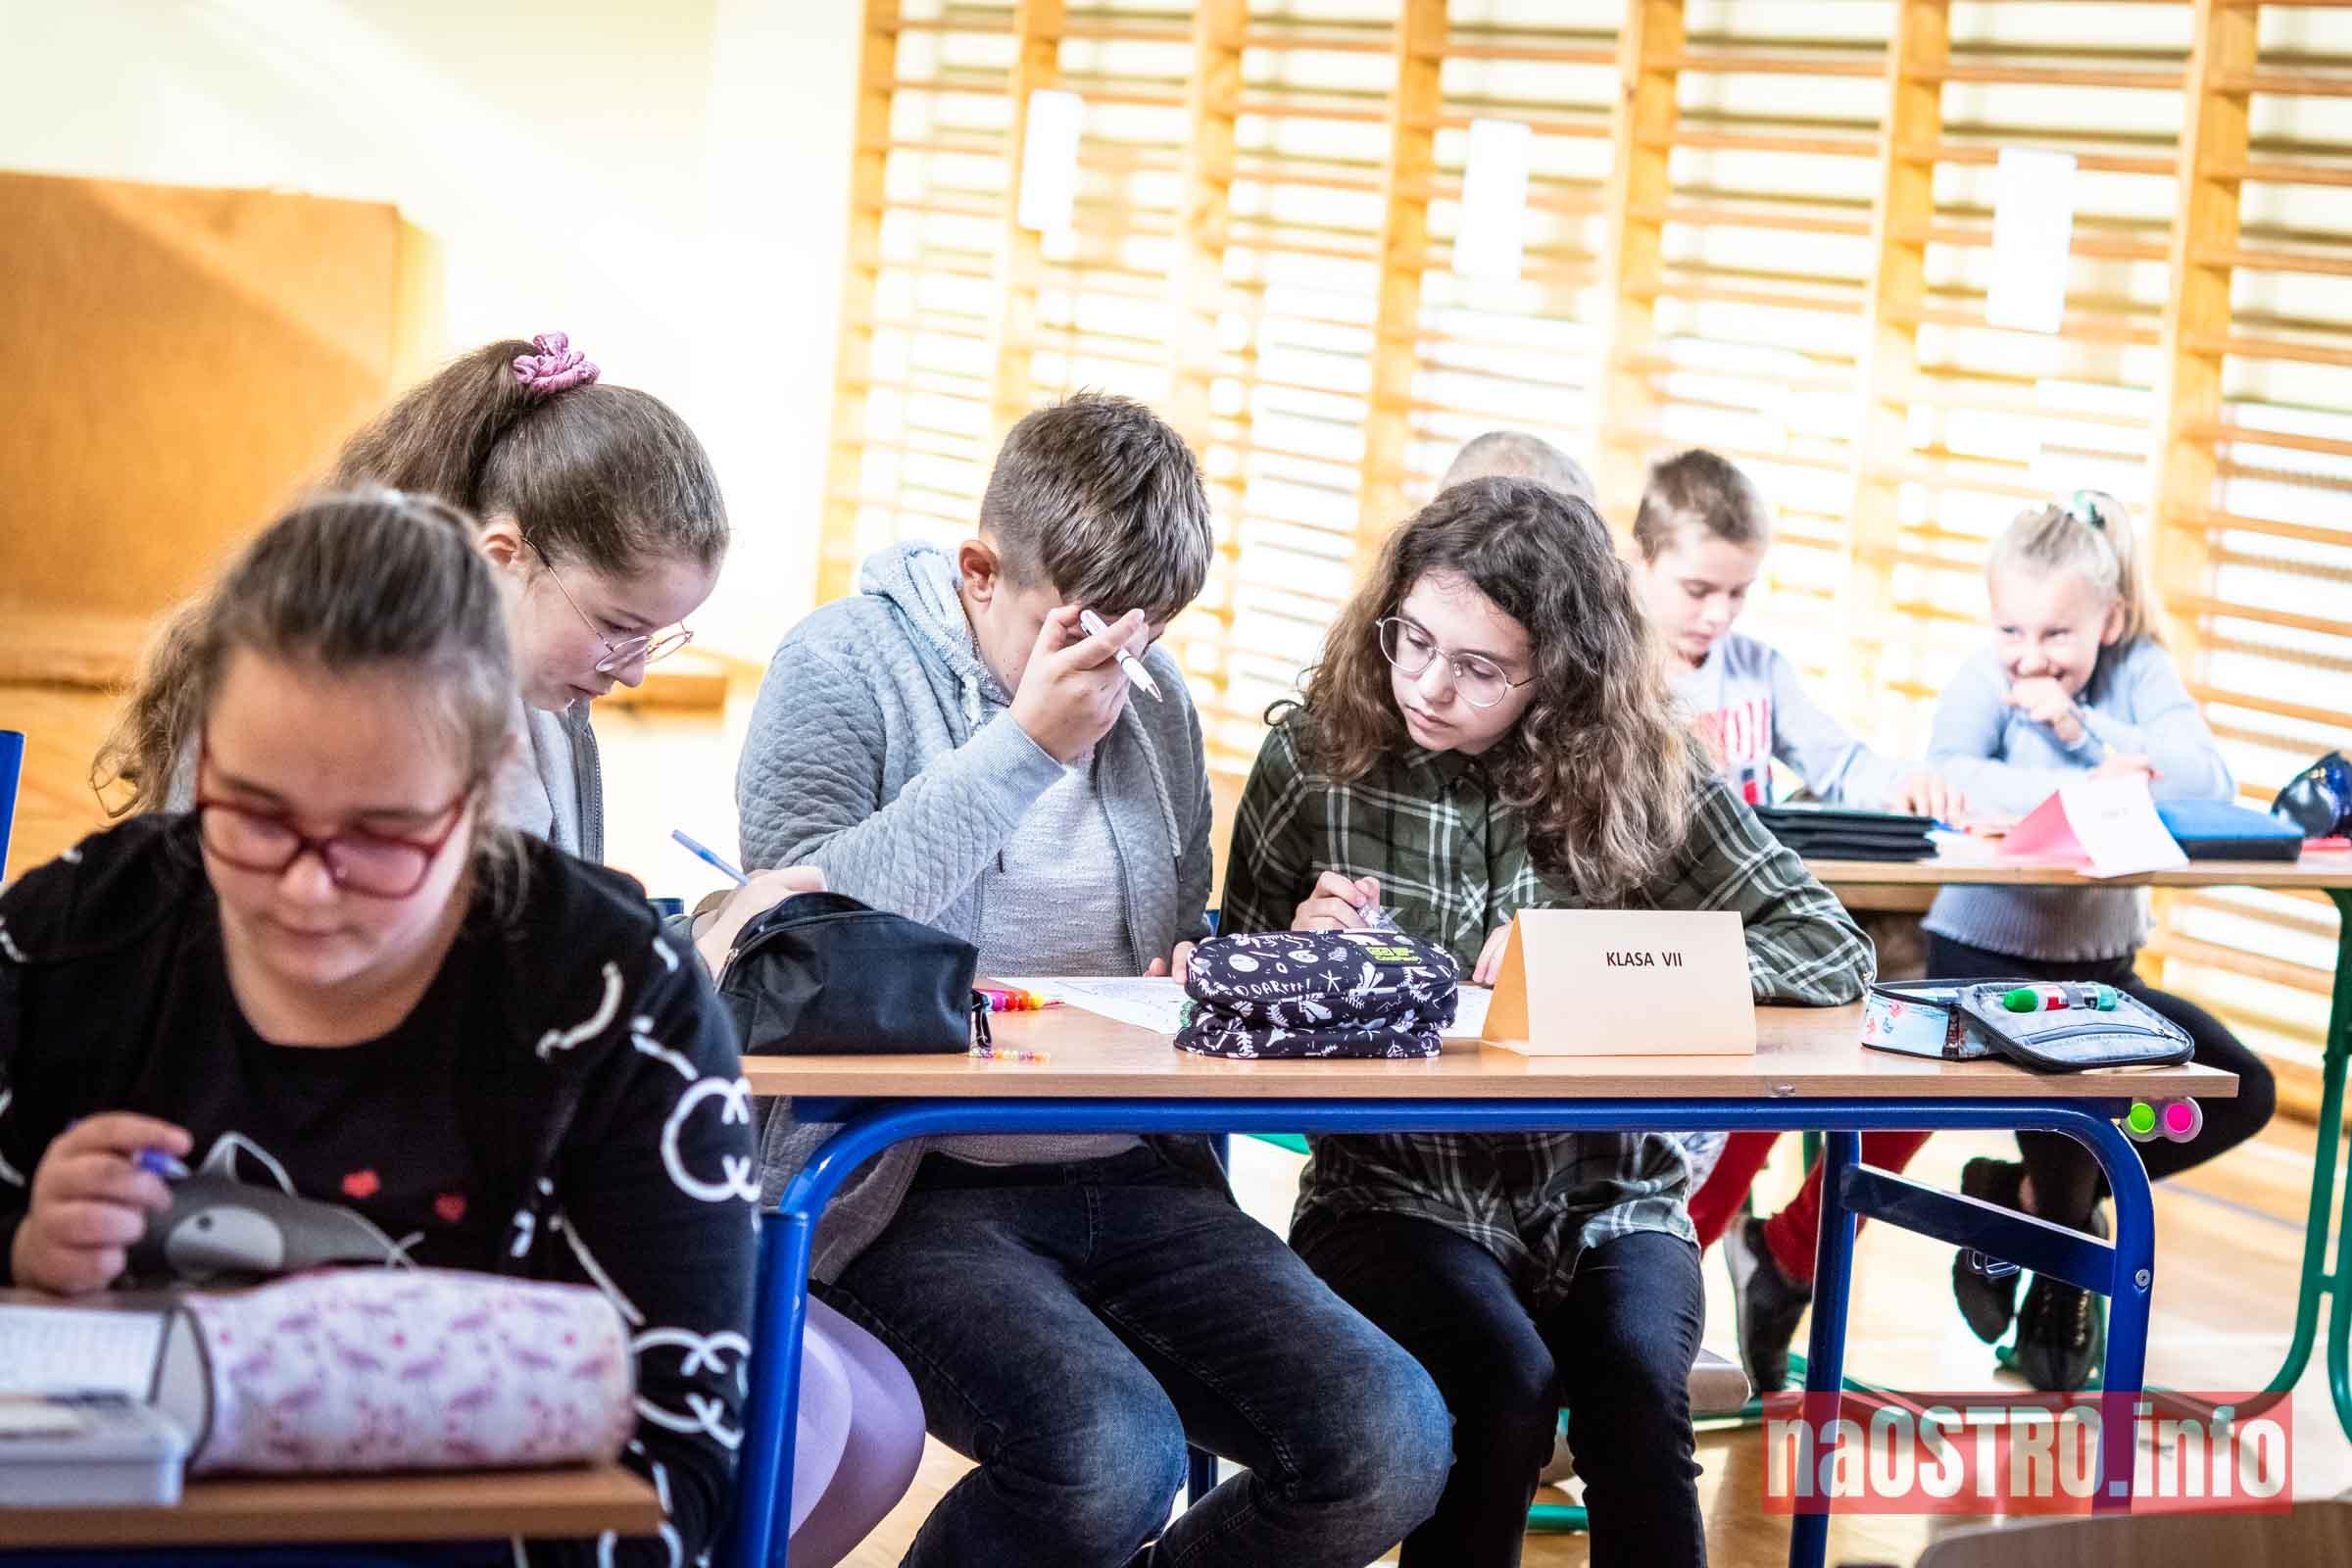 NaOSTROinfo Tabliczka mnożenia szkola Okół-15